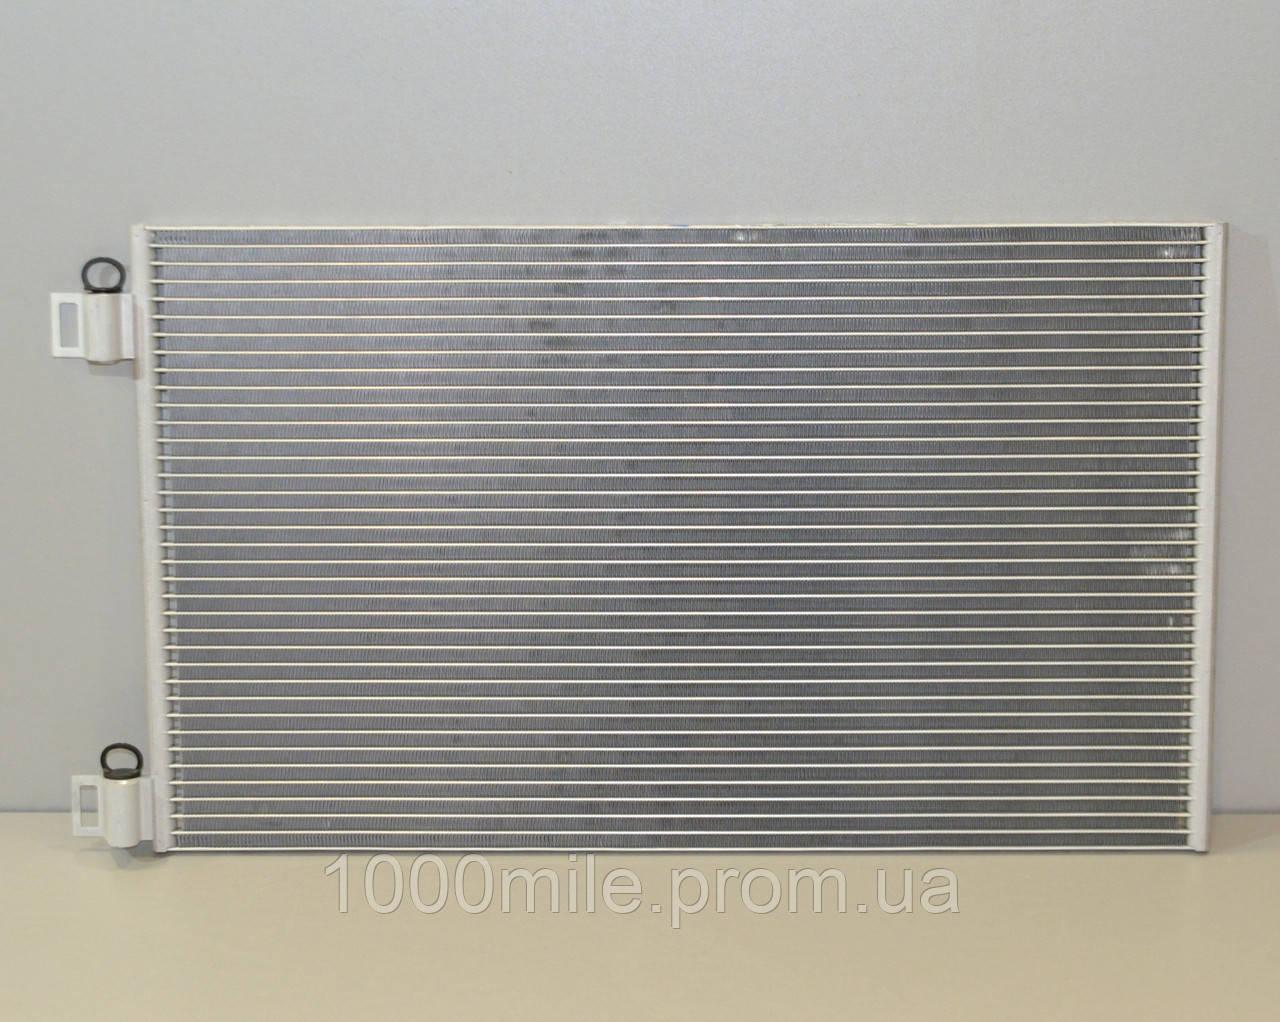 Радиатор кондиционера на Renault Kangoo II 08-> 1.5dCi+1.6+1.6 16V — Renault (Оригинал) - 8200455795